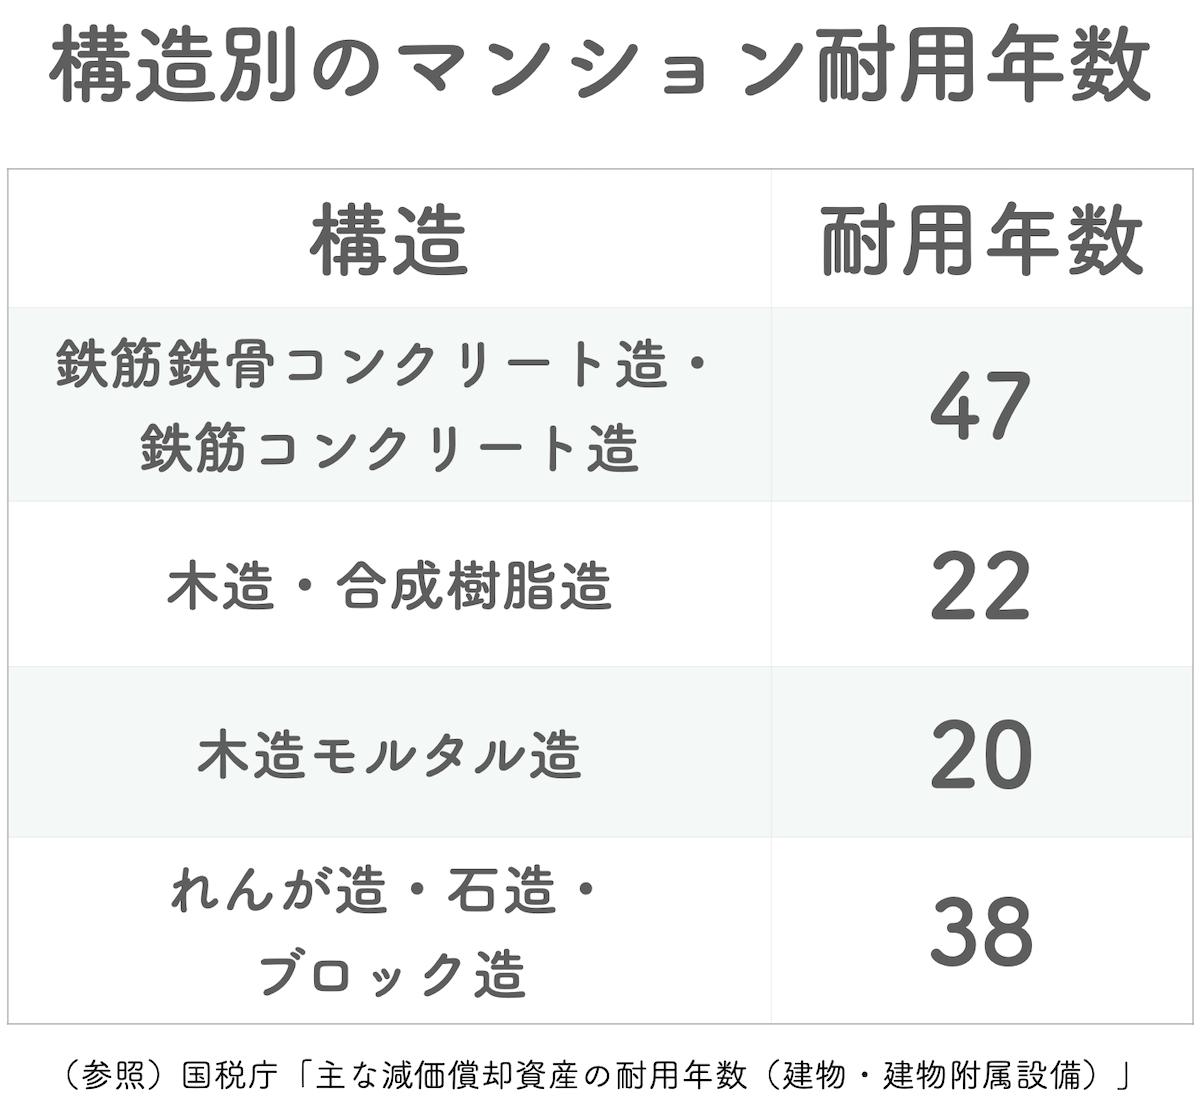 構造別のマンション耐用年数